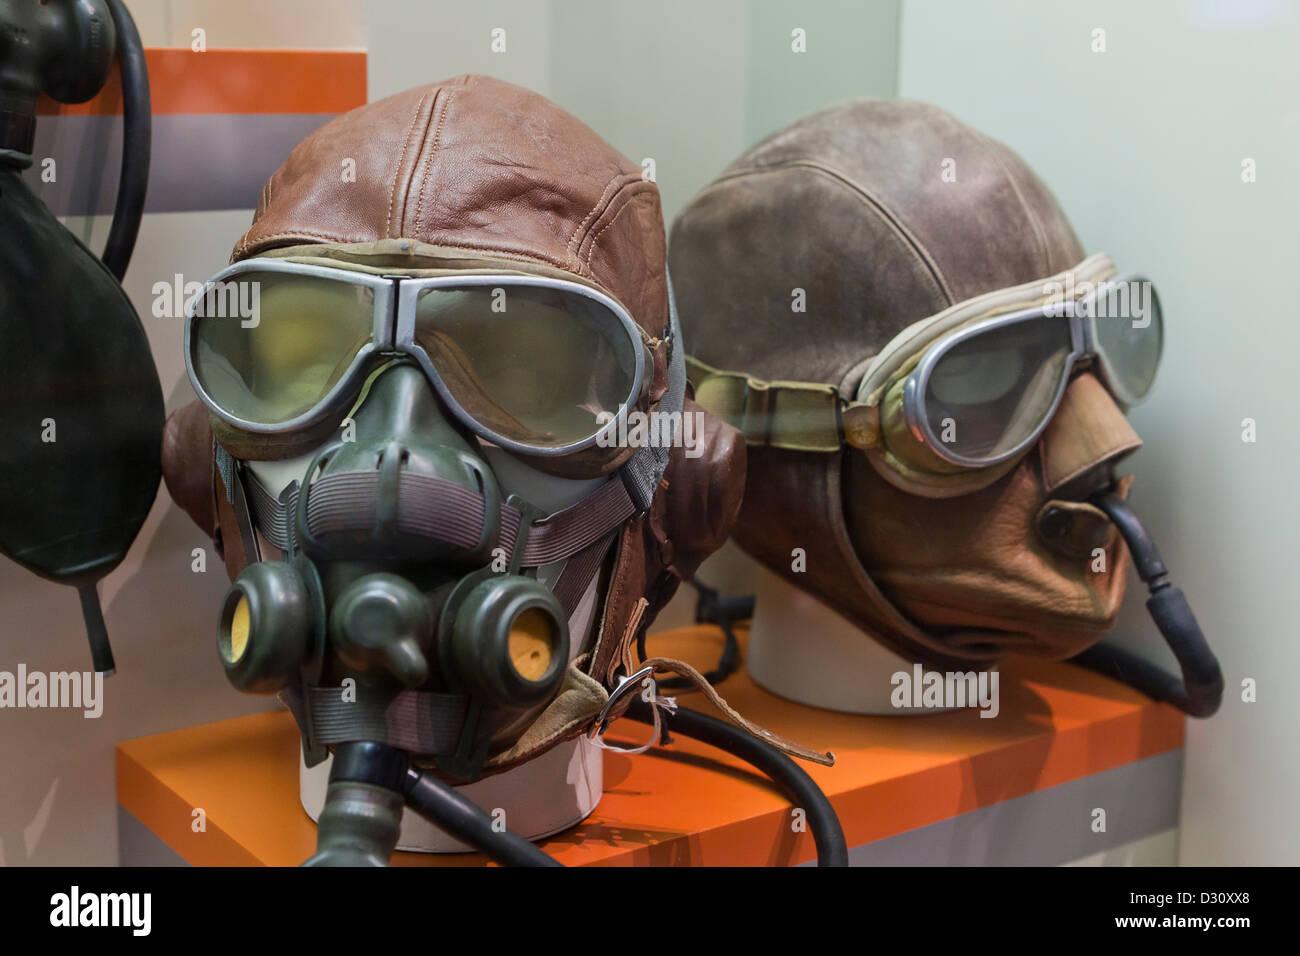 Type A-8B vintage WWII aeronautic oxygen masks - Stock Image